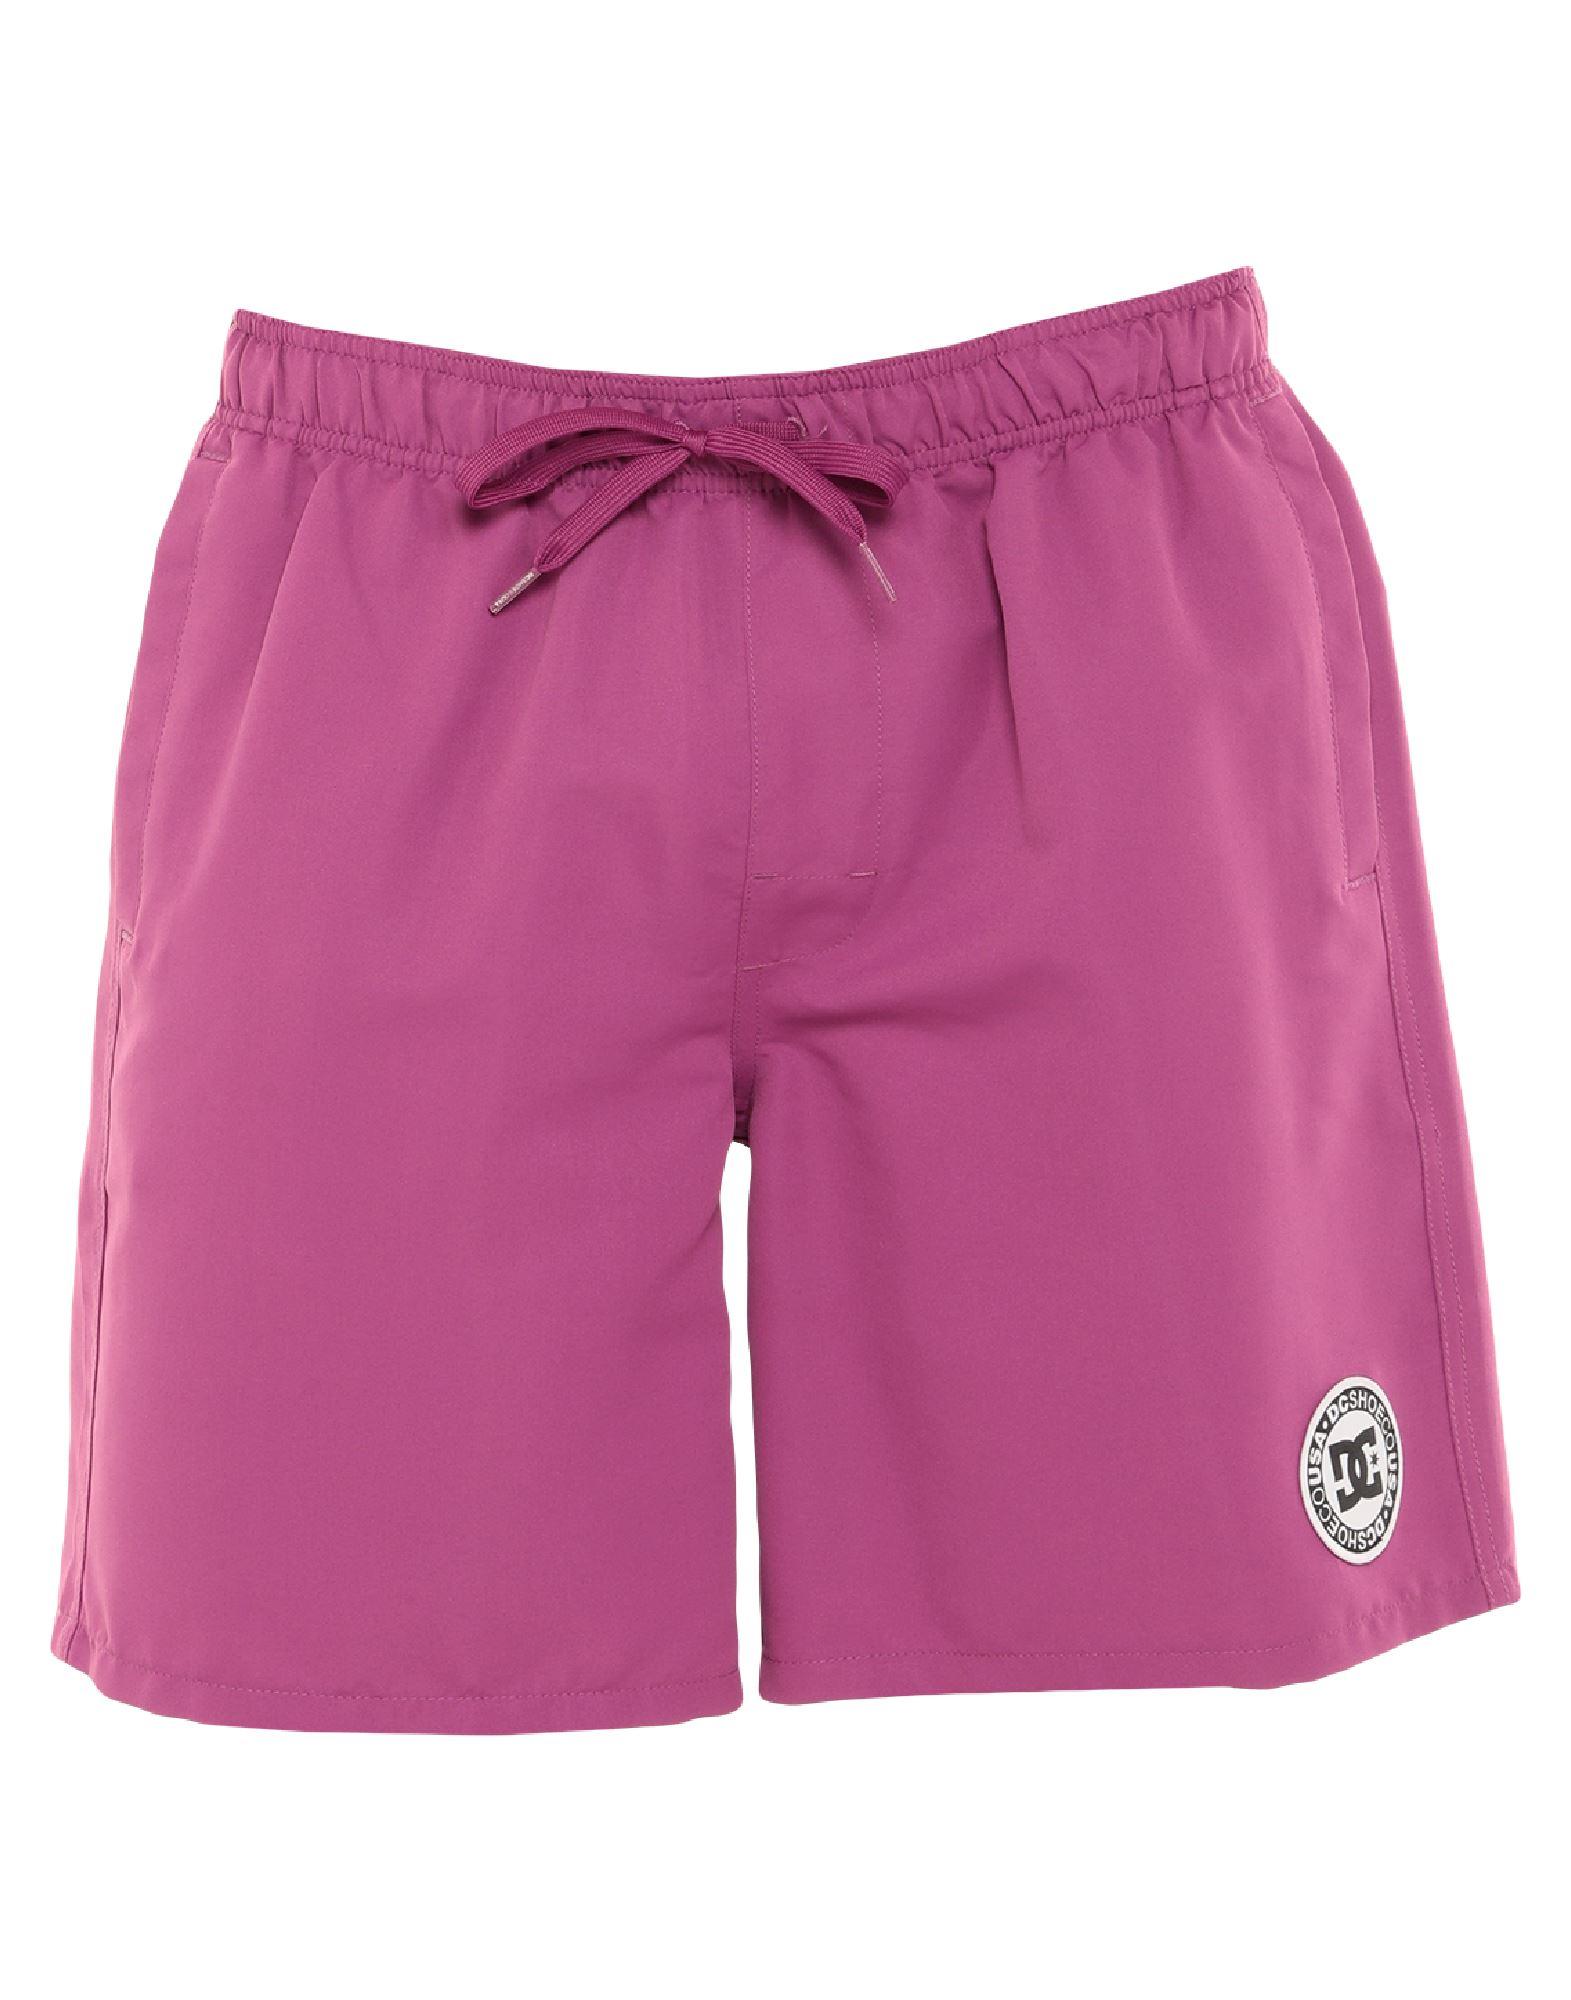 Фото - DC SHOES Пляжные брюки и шорты спортивные шорты dc shoes middlegate white wbb0 s